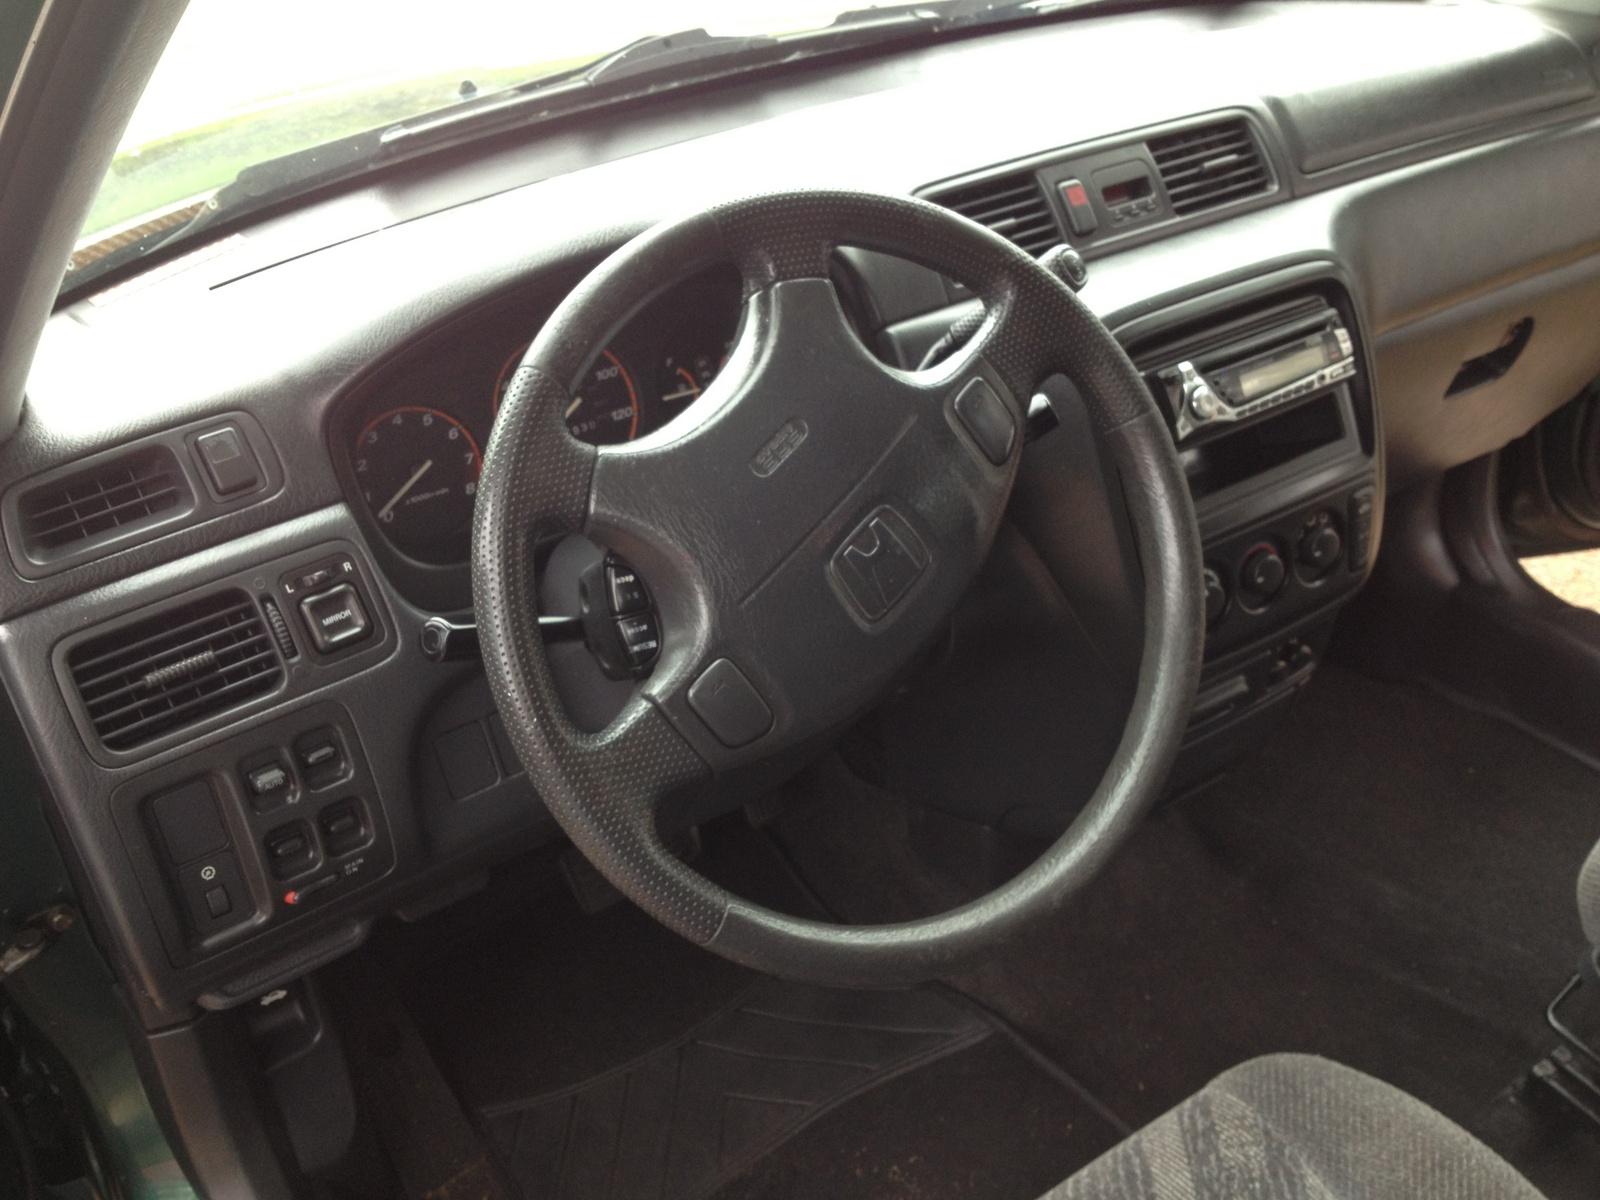 2000 Honda CR-V picture, interior